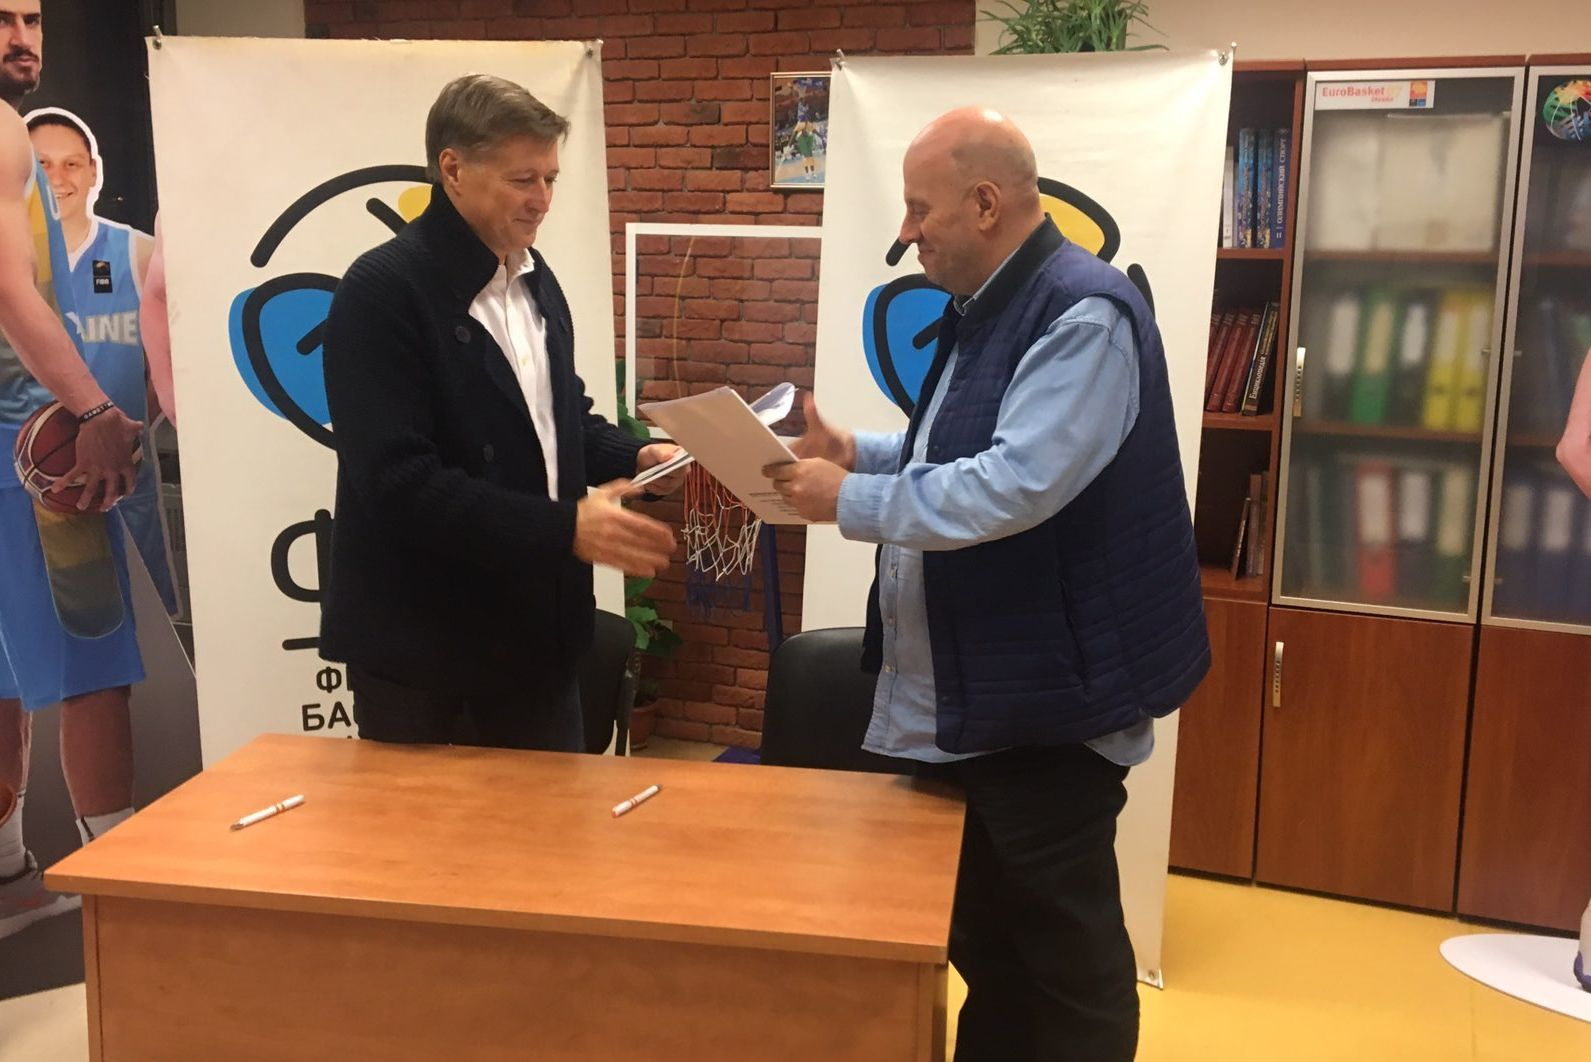 ФБУ та ФСТ Динамо-України уклали Меморандум про співпрацю